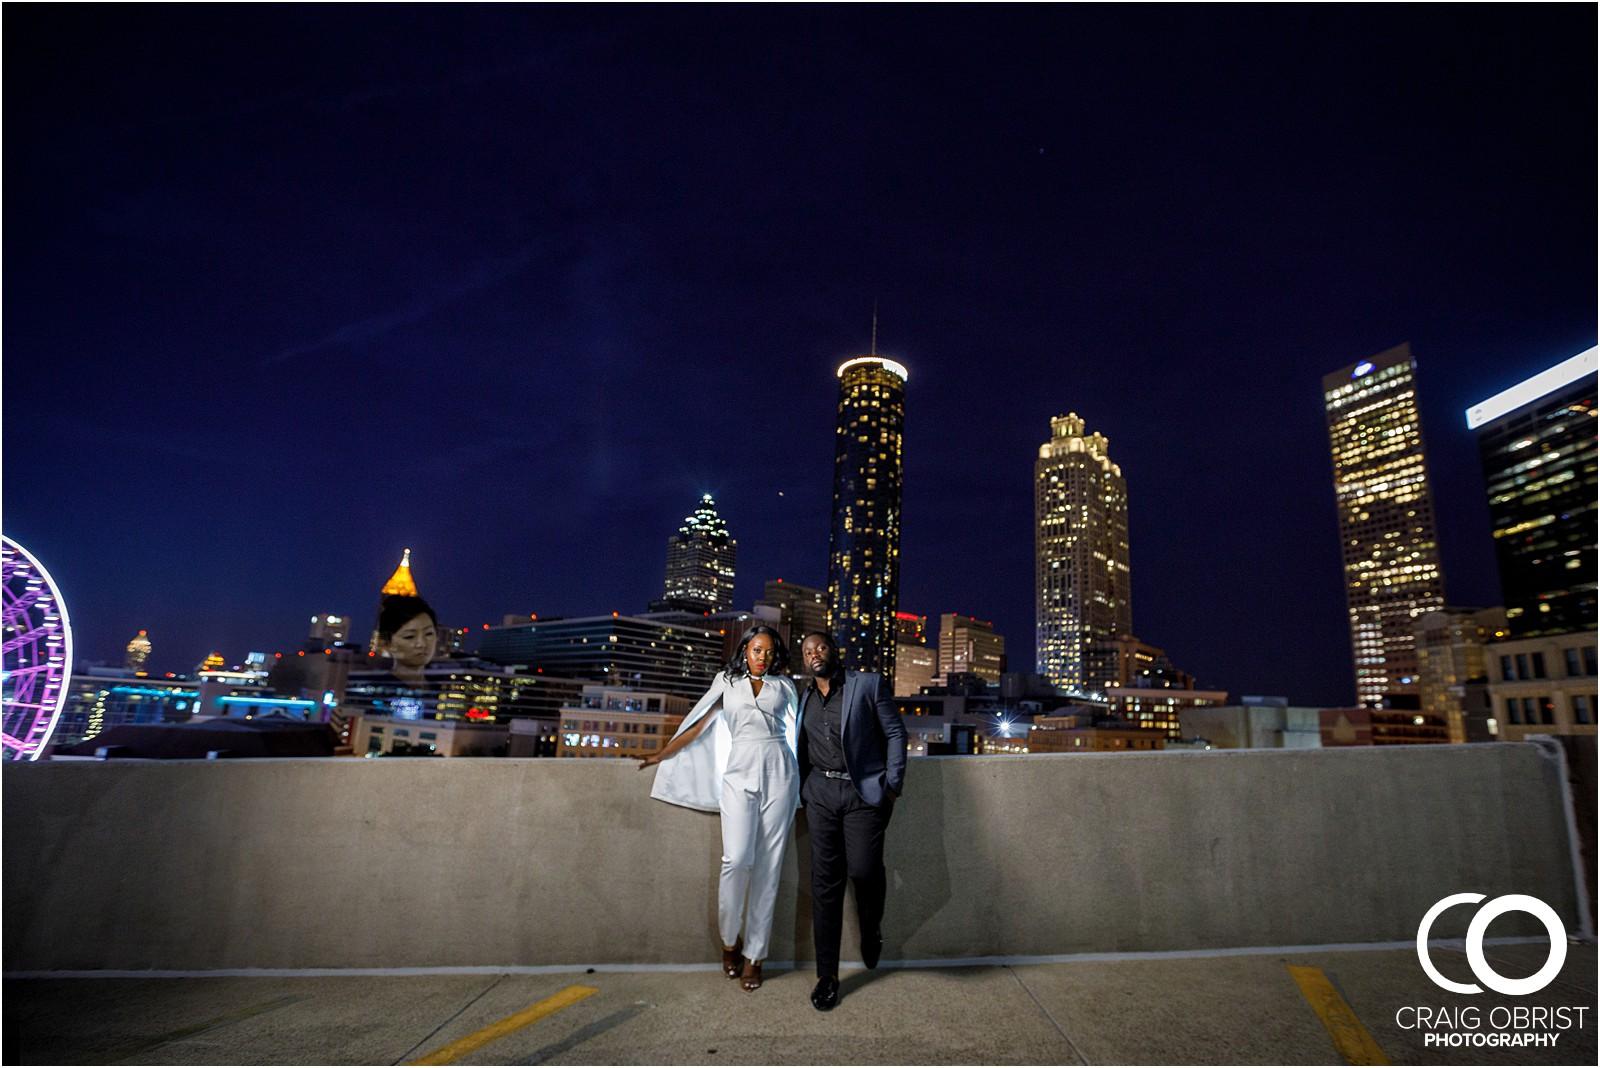 Piedmont Park Sunset Atlanta Skyline Nightime_0023.jpg